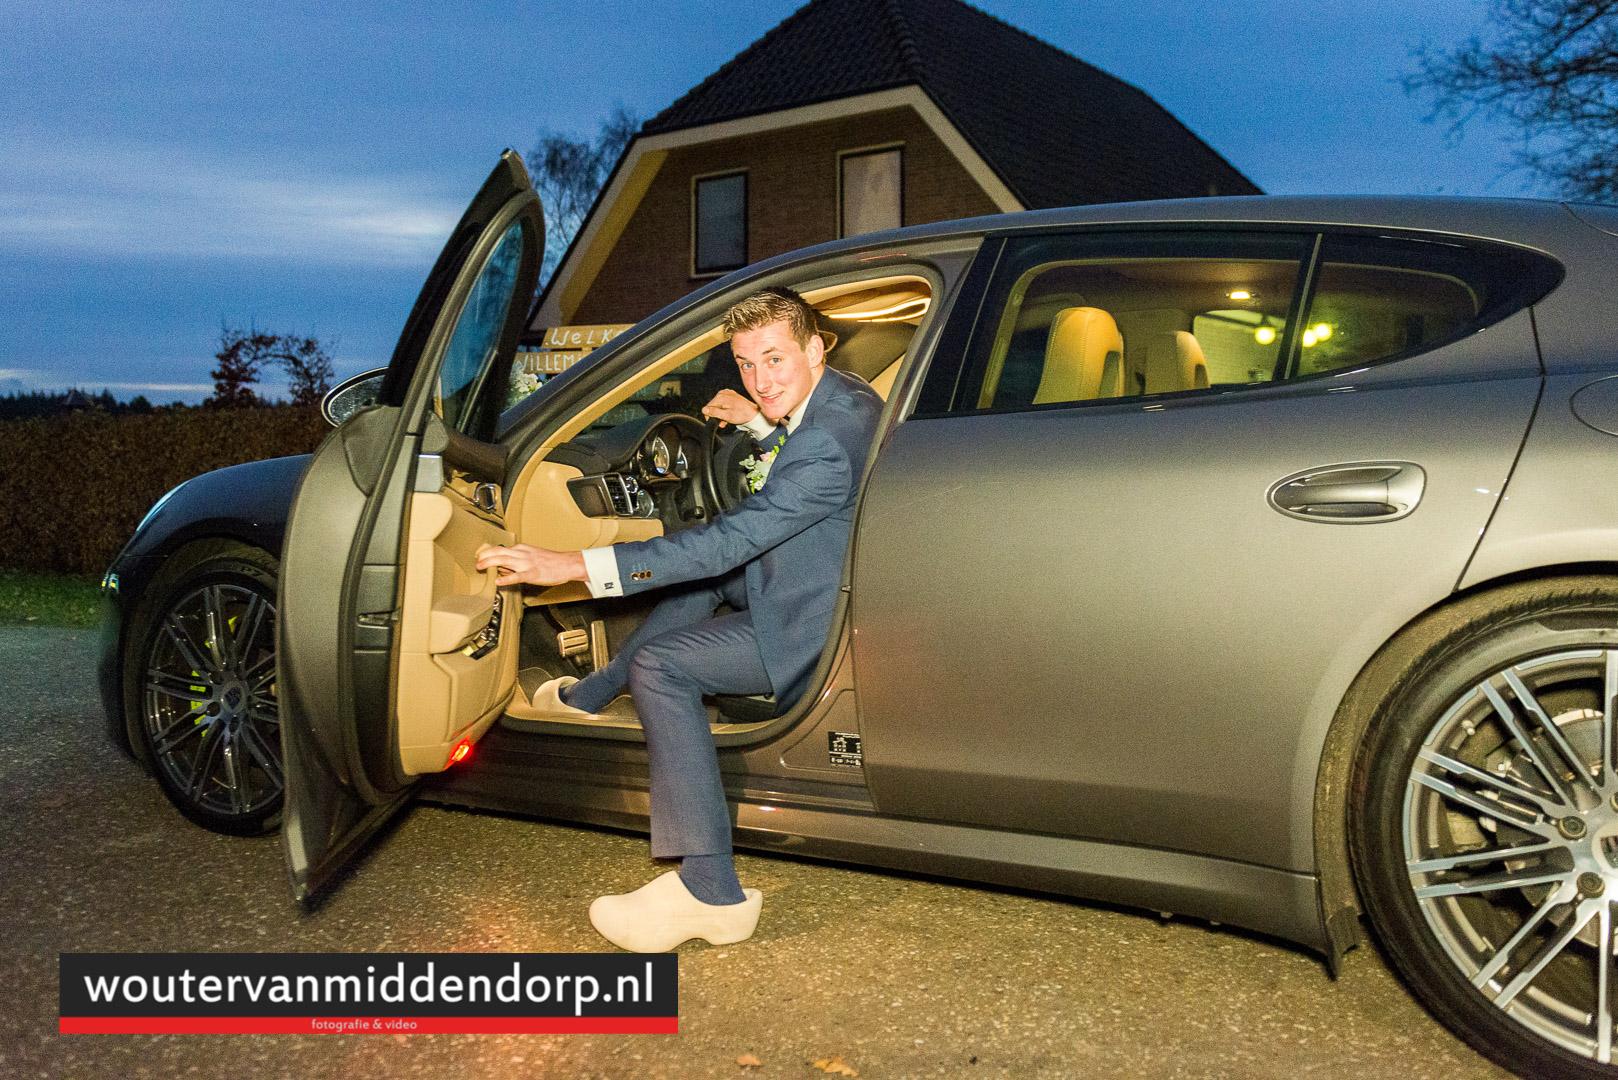 foto Wouter van Middendorp Uddel, Veluwe, Gelderland, trouwfotograaf (4)